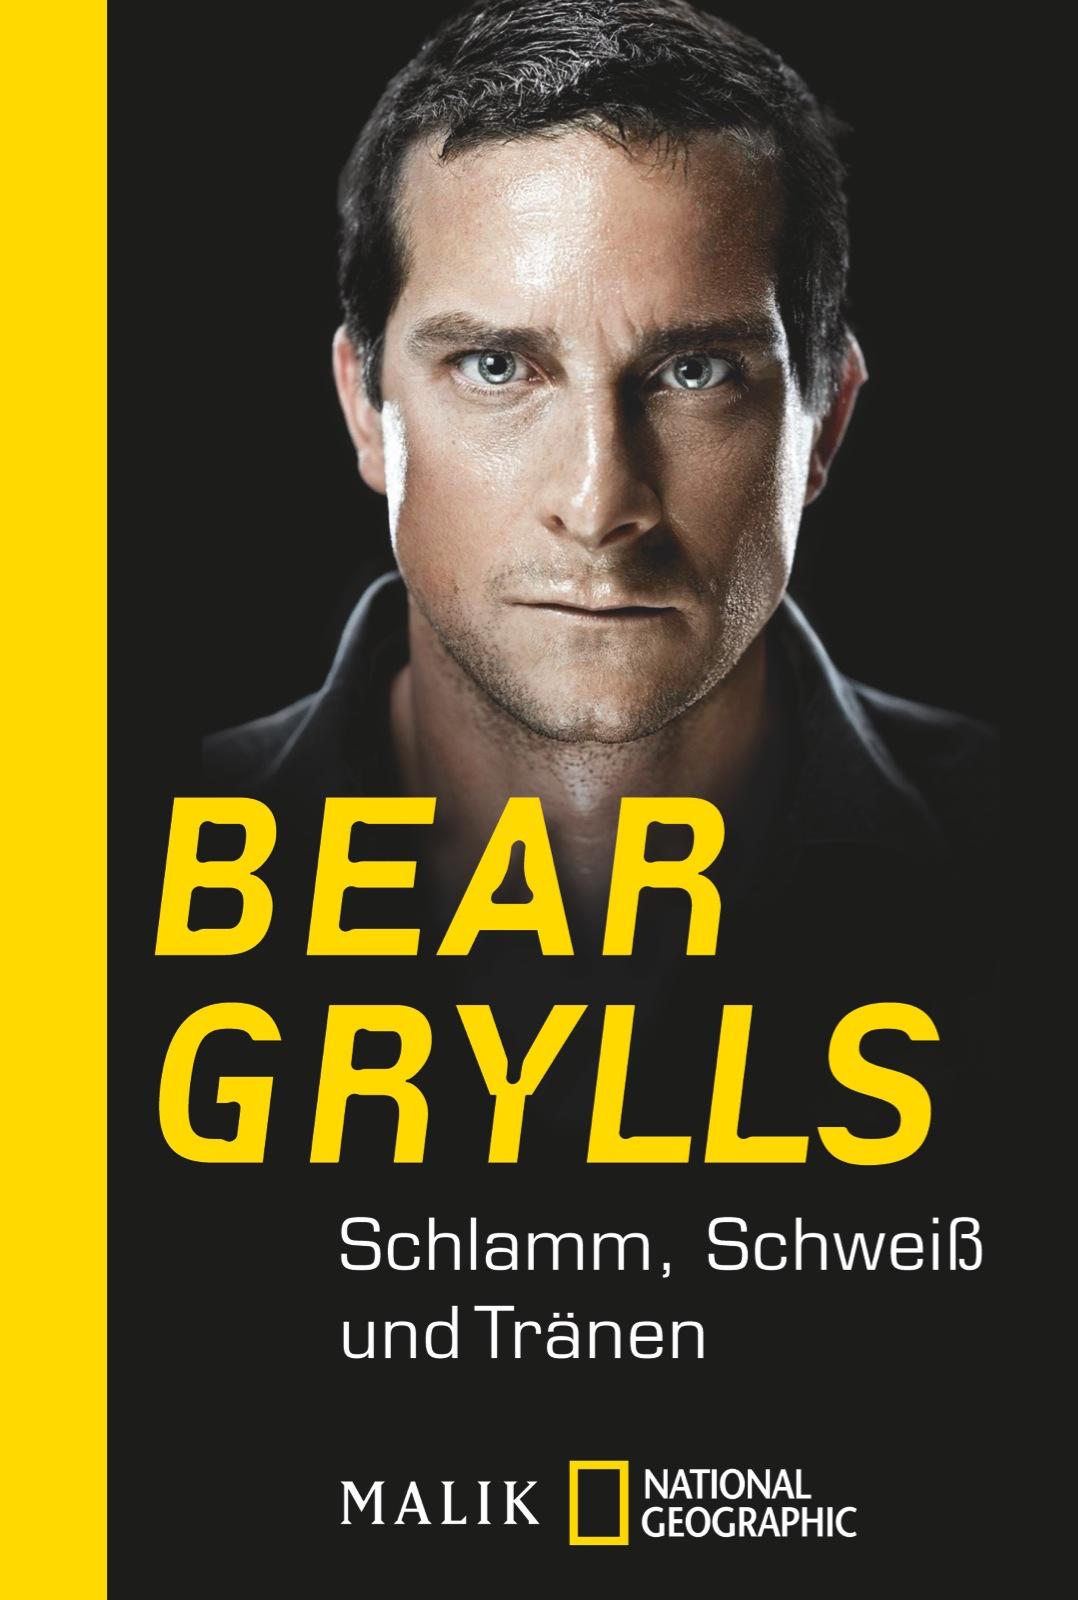 Schlamm, Schweiß und Tränen - Grylls, Bear